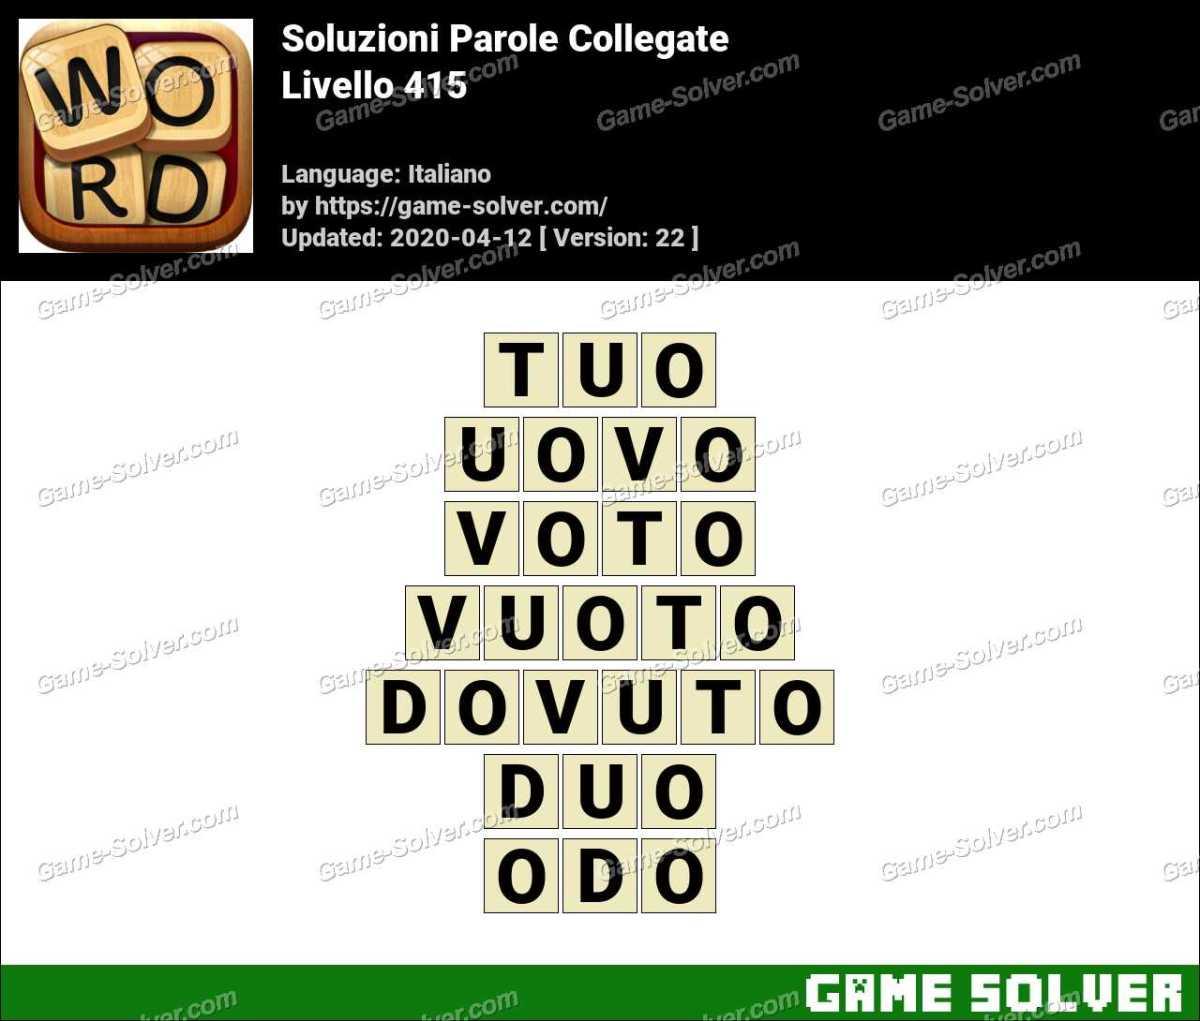 Soluzioni Parole Collegate Livello 415